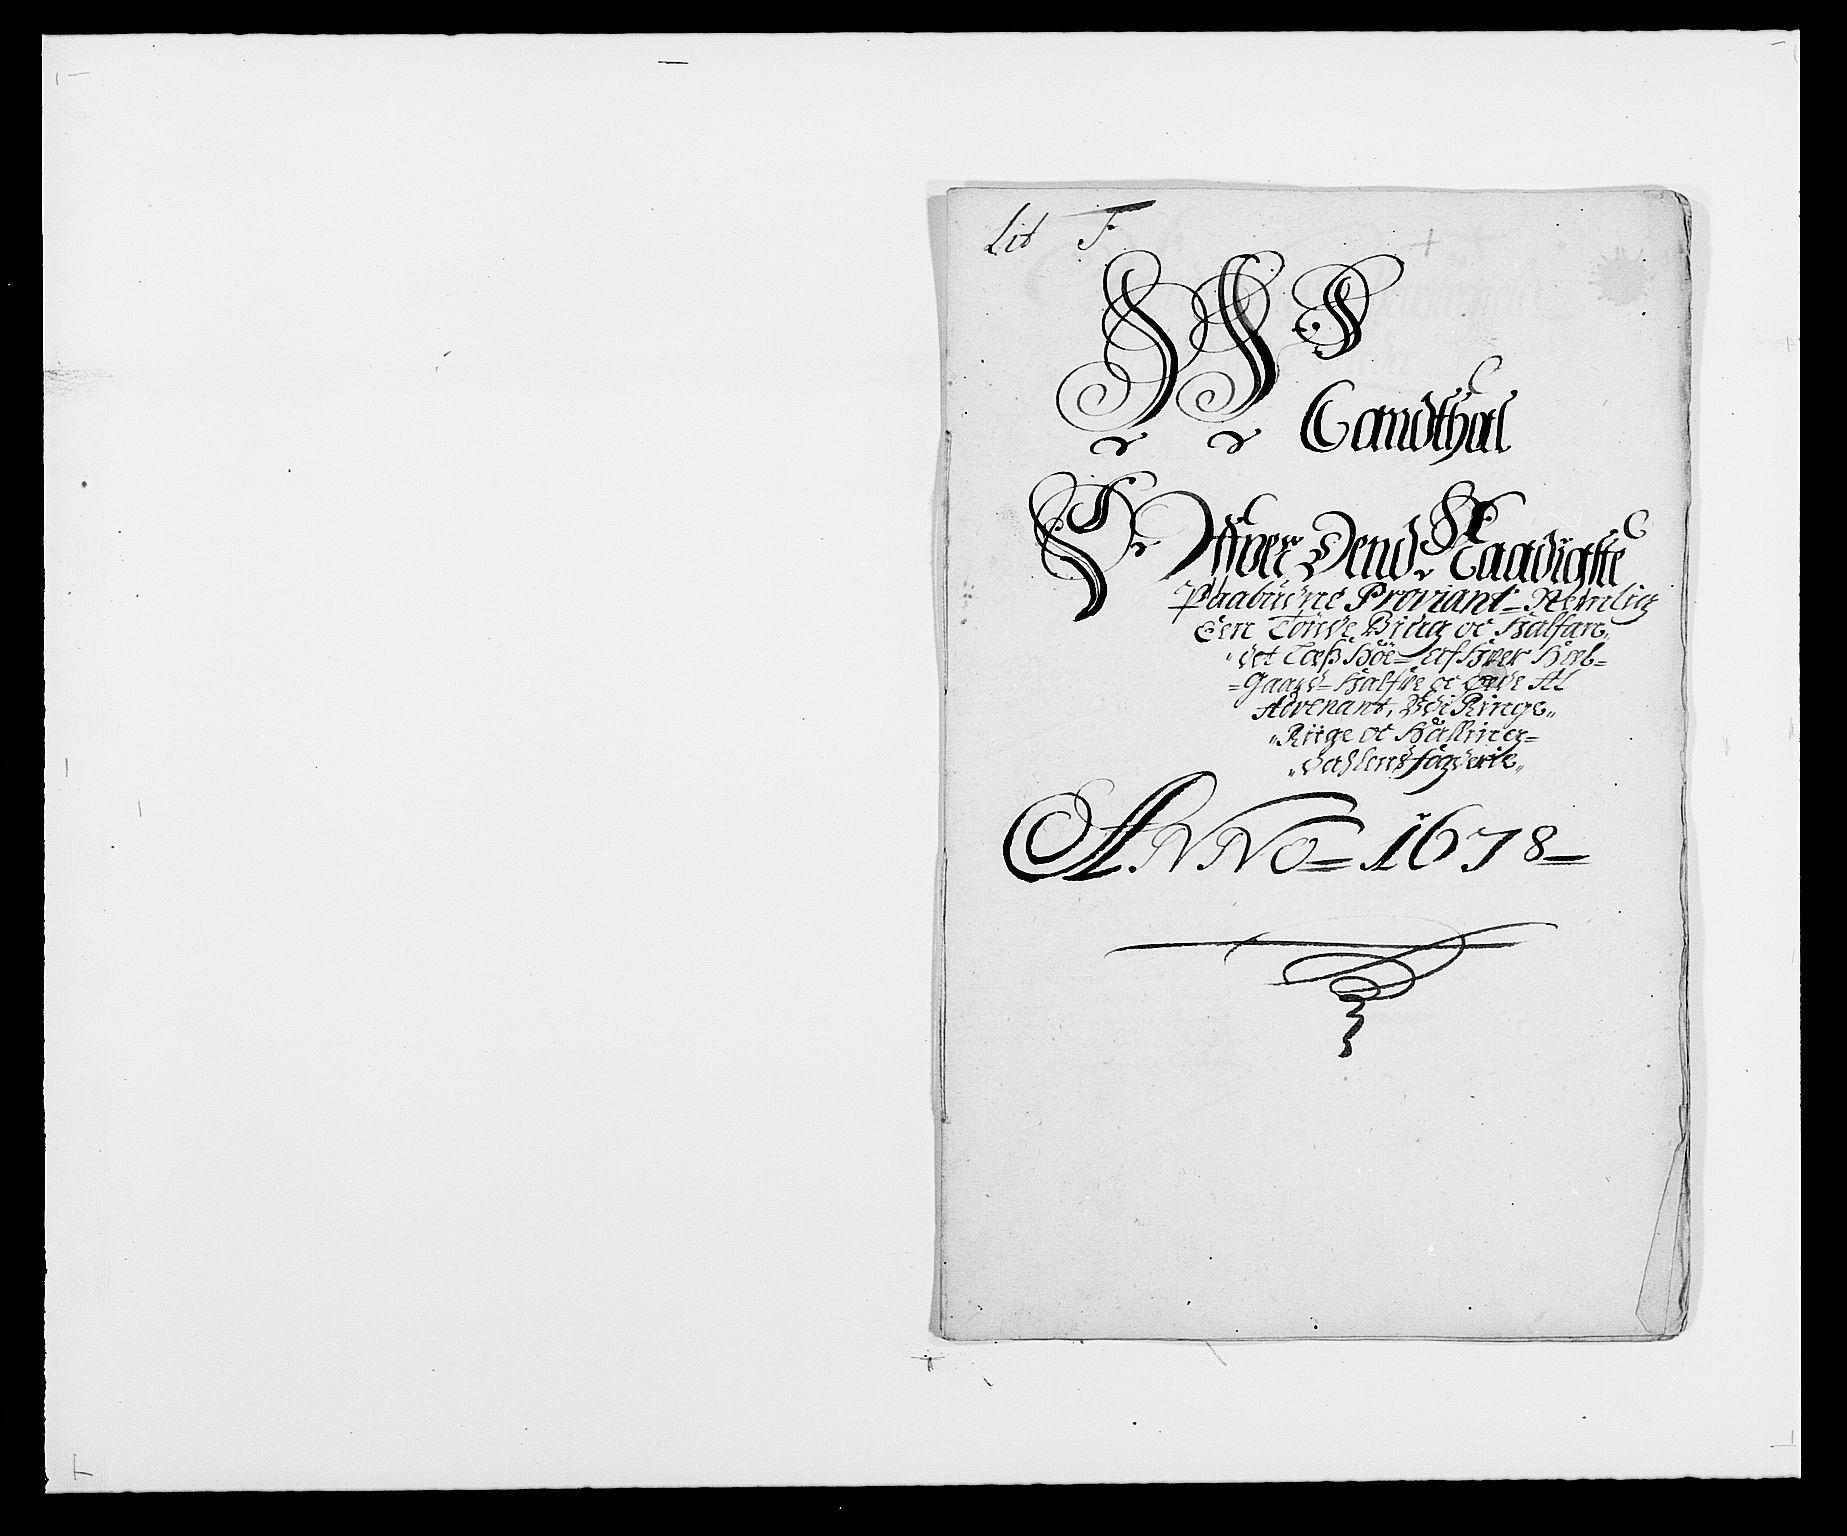 RA, Rentekammeret inntil 1814, Reviderte regnskaper, Fogderegnskap, R21/L1443: Fogderegnskap Ringerike og Hallingdal, 1678-1680, s. 116